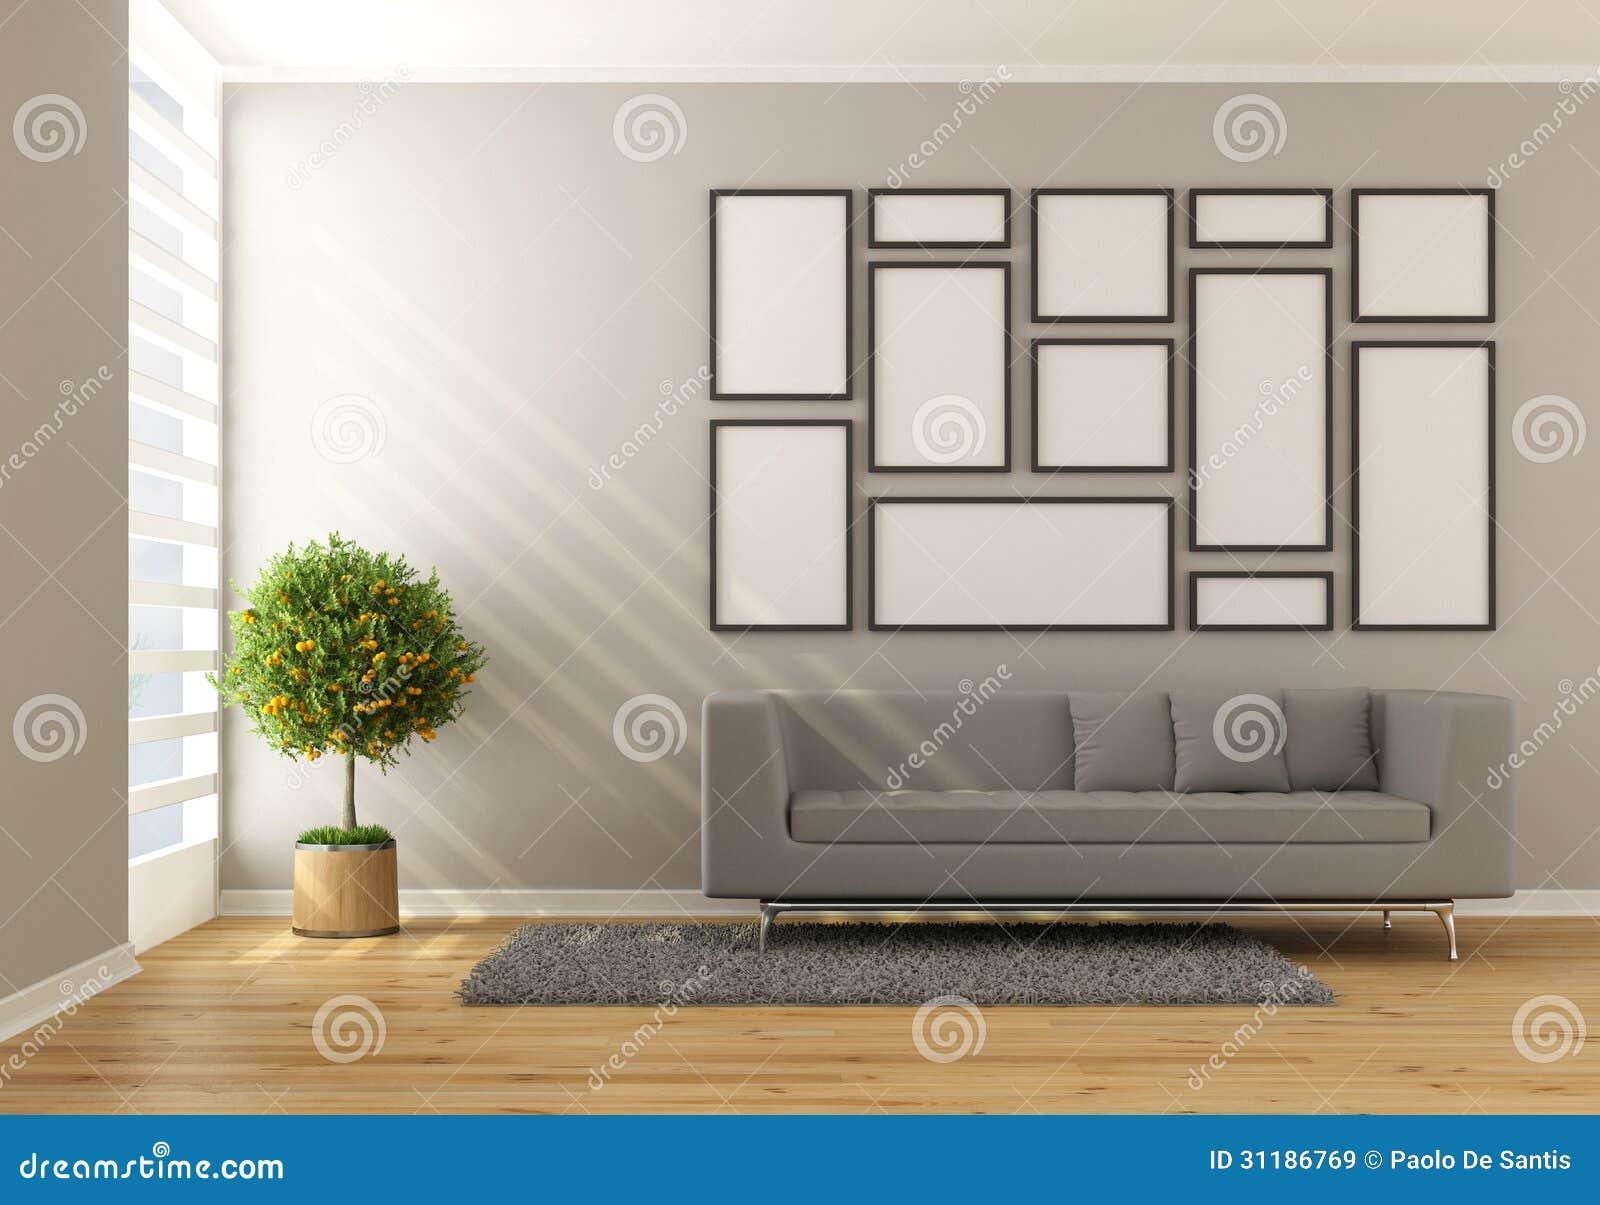 Sala De Estar Minimalista Moderno ~ Imágenes de archivo libres de regalías Sala de estar minimalista